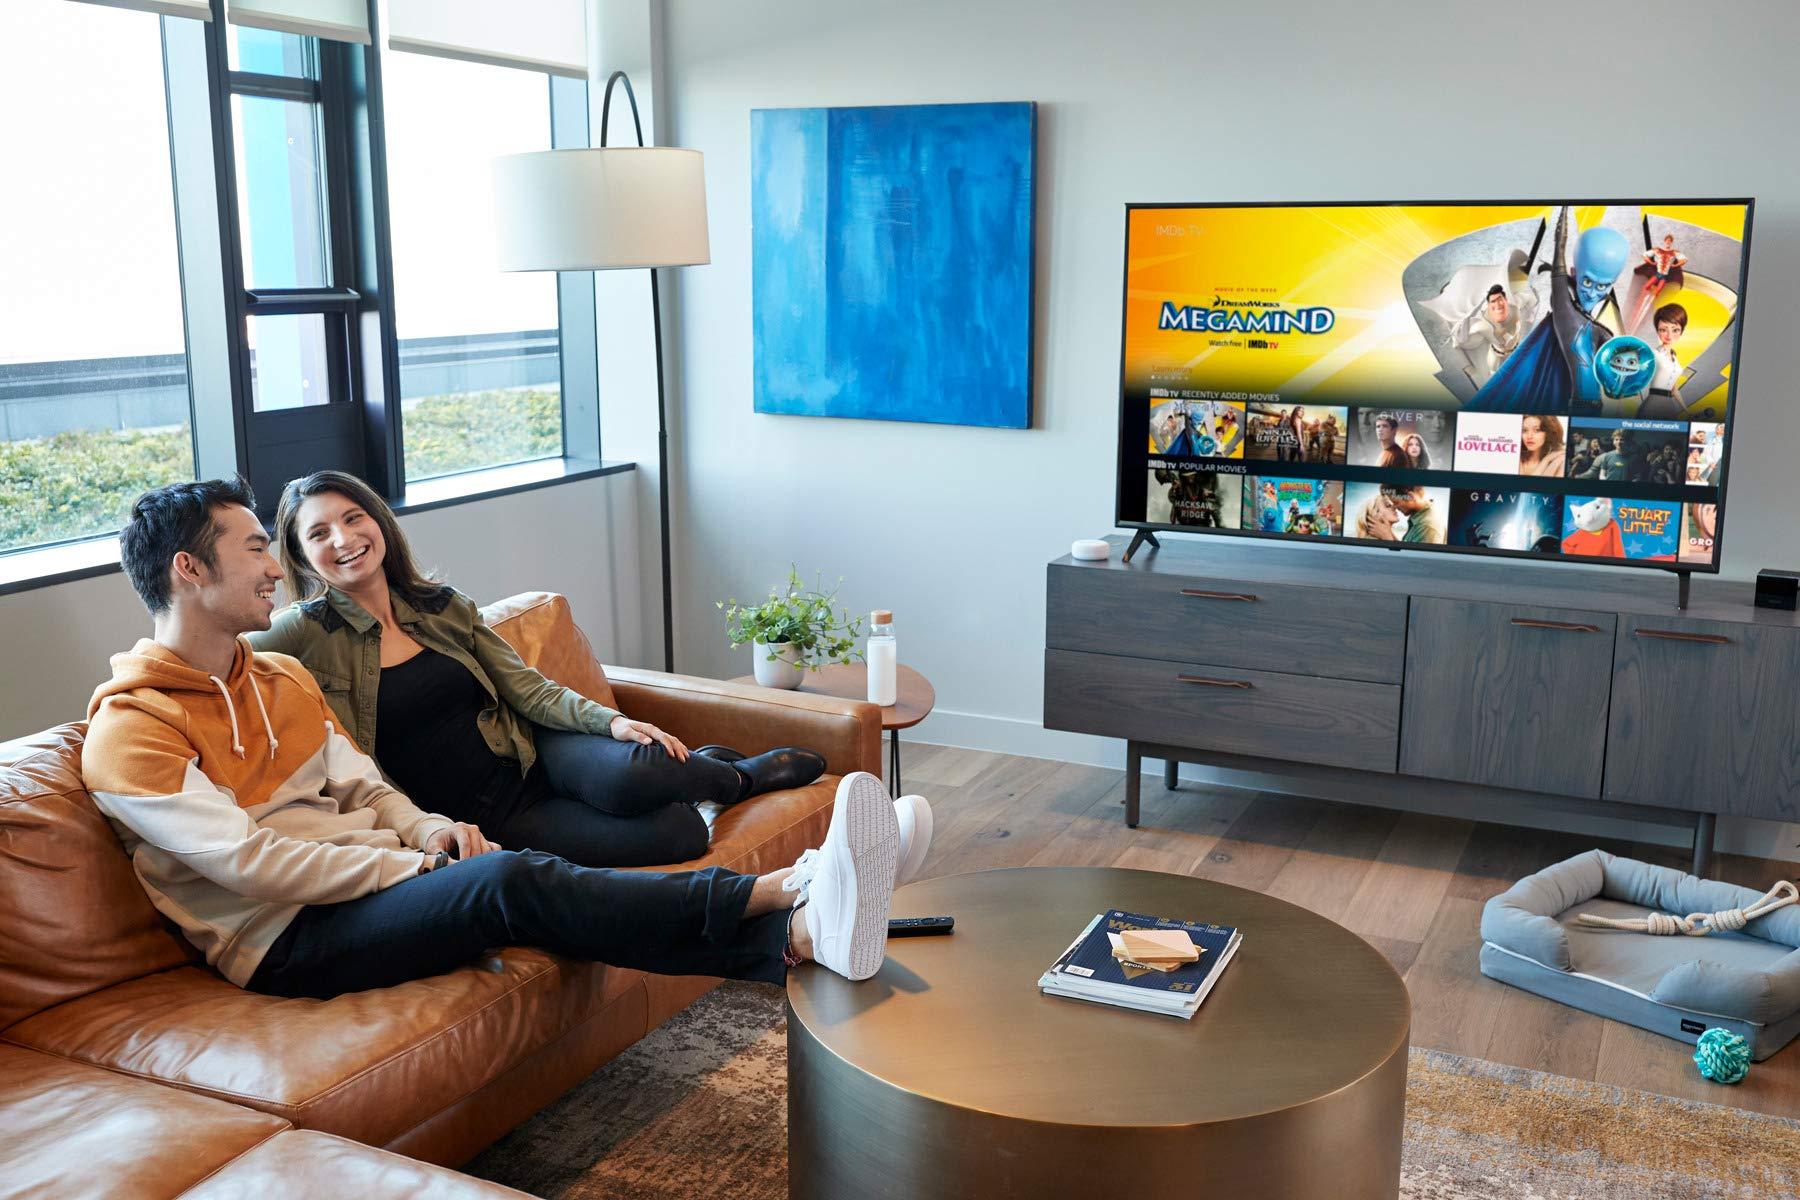 家人在客厅观看OTT视频